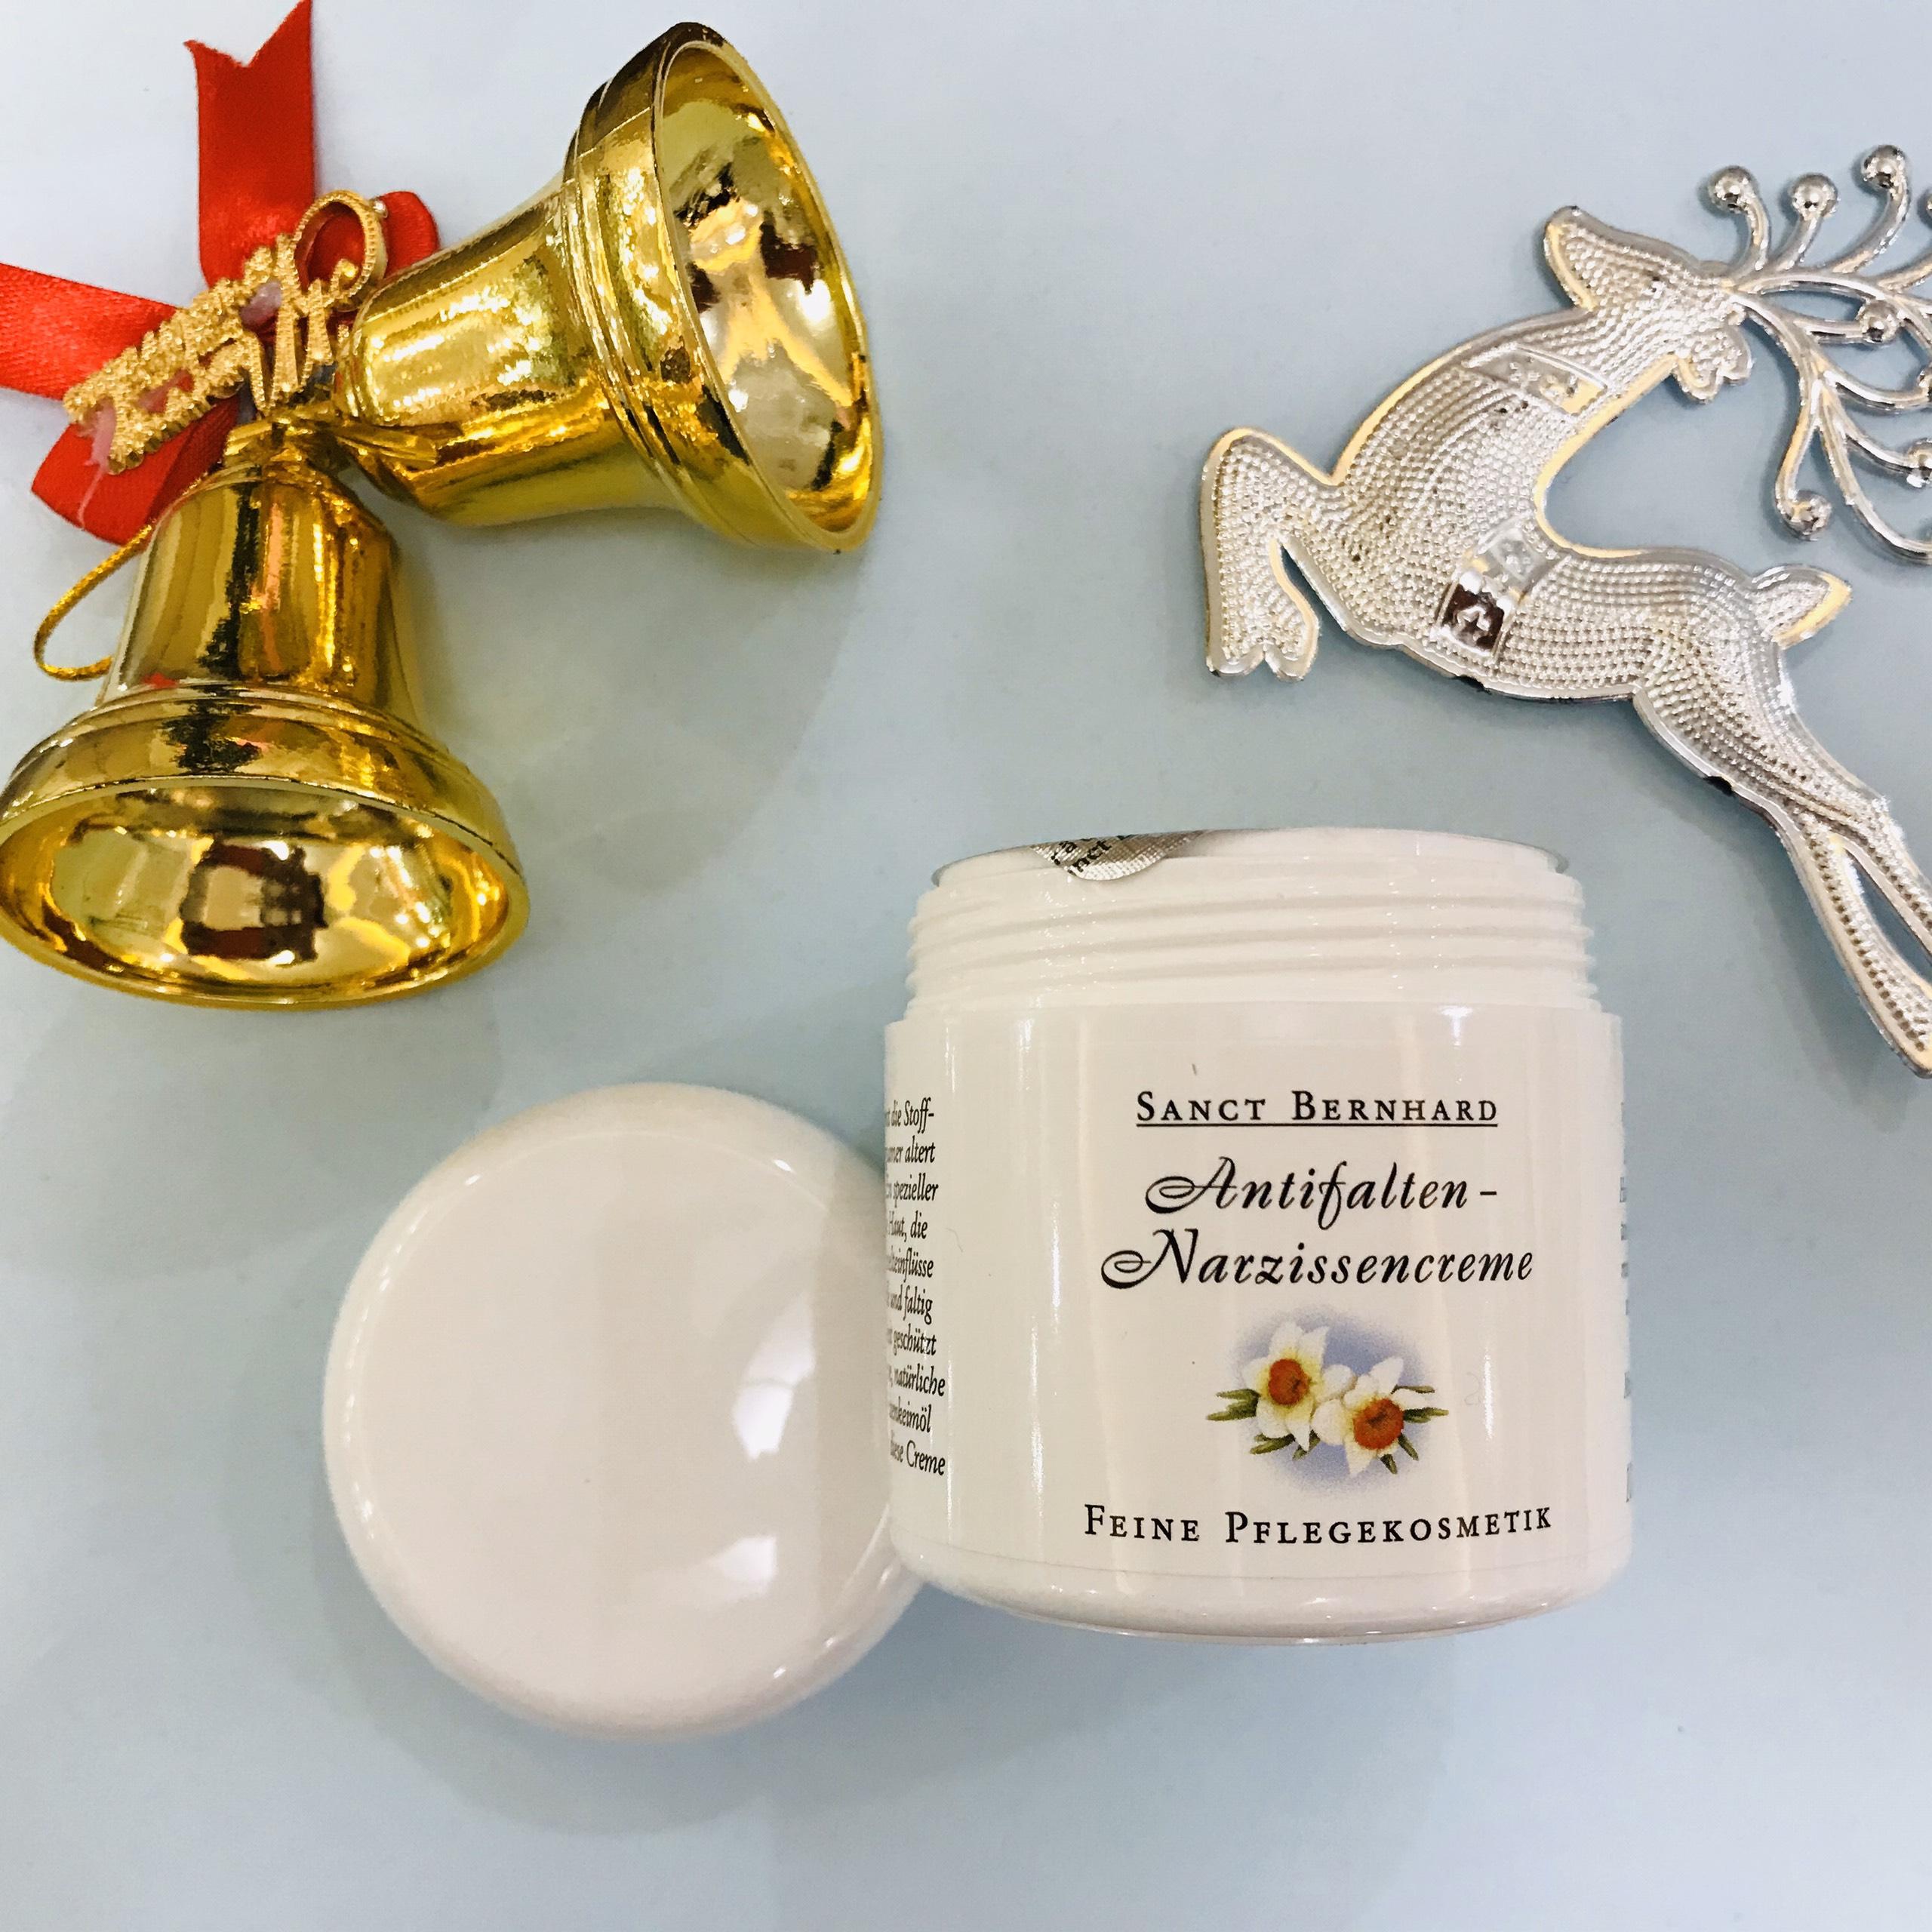 Kem thủy tiên vàng chống nhăn Antifalten- Nerzcreme